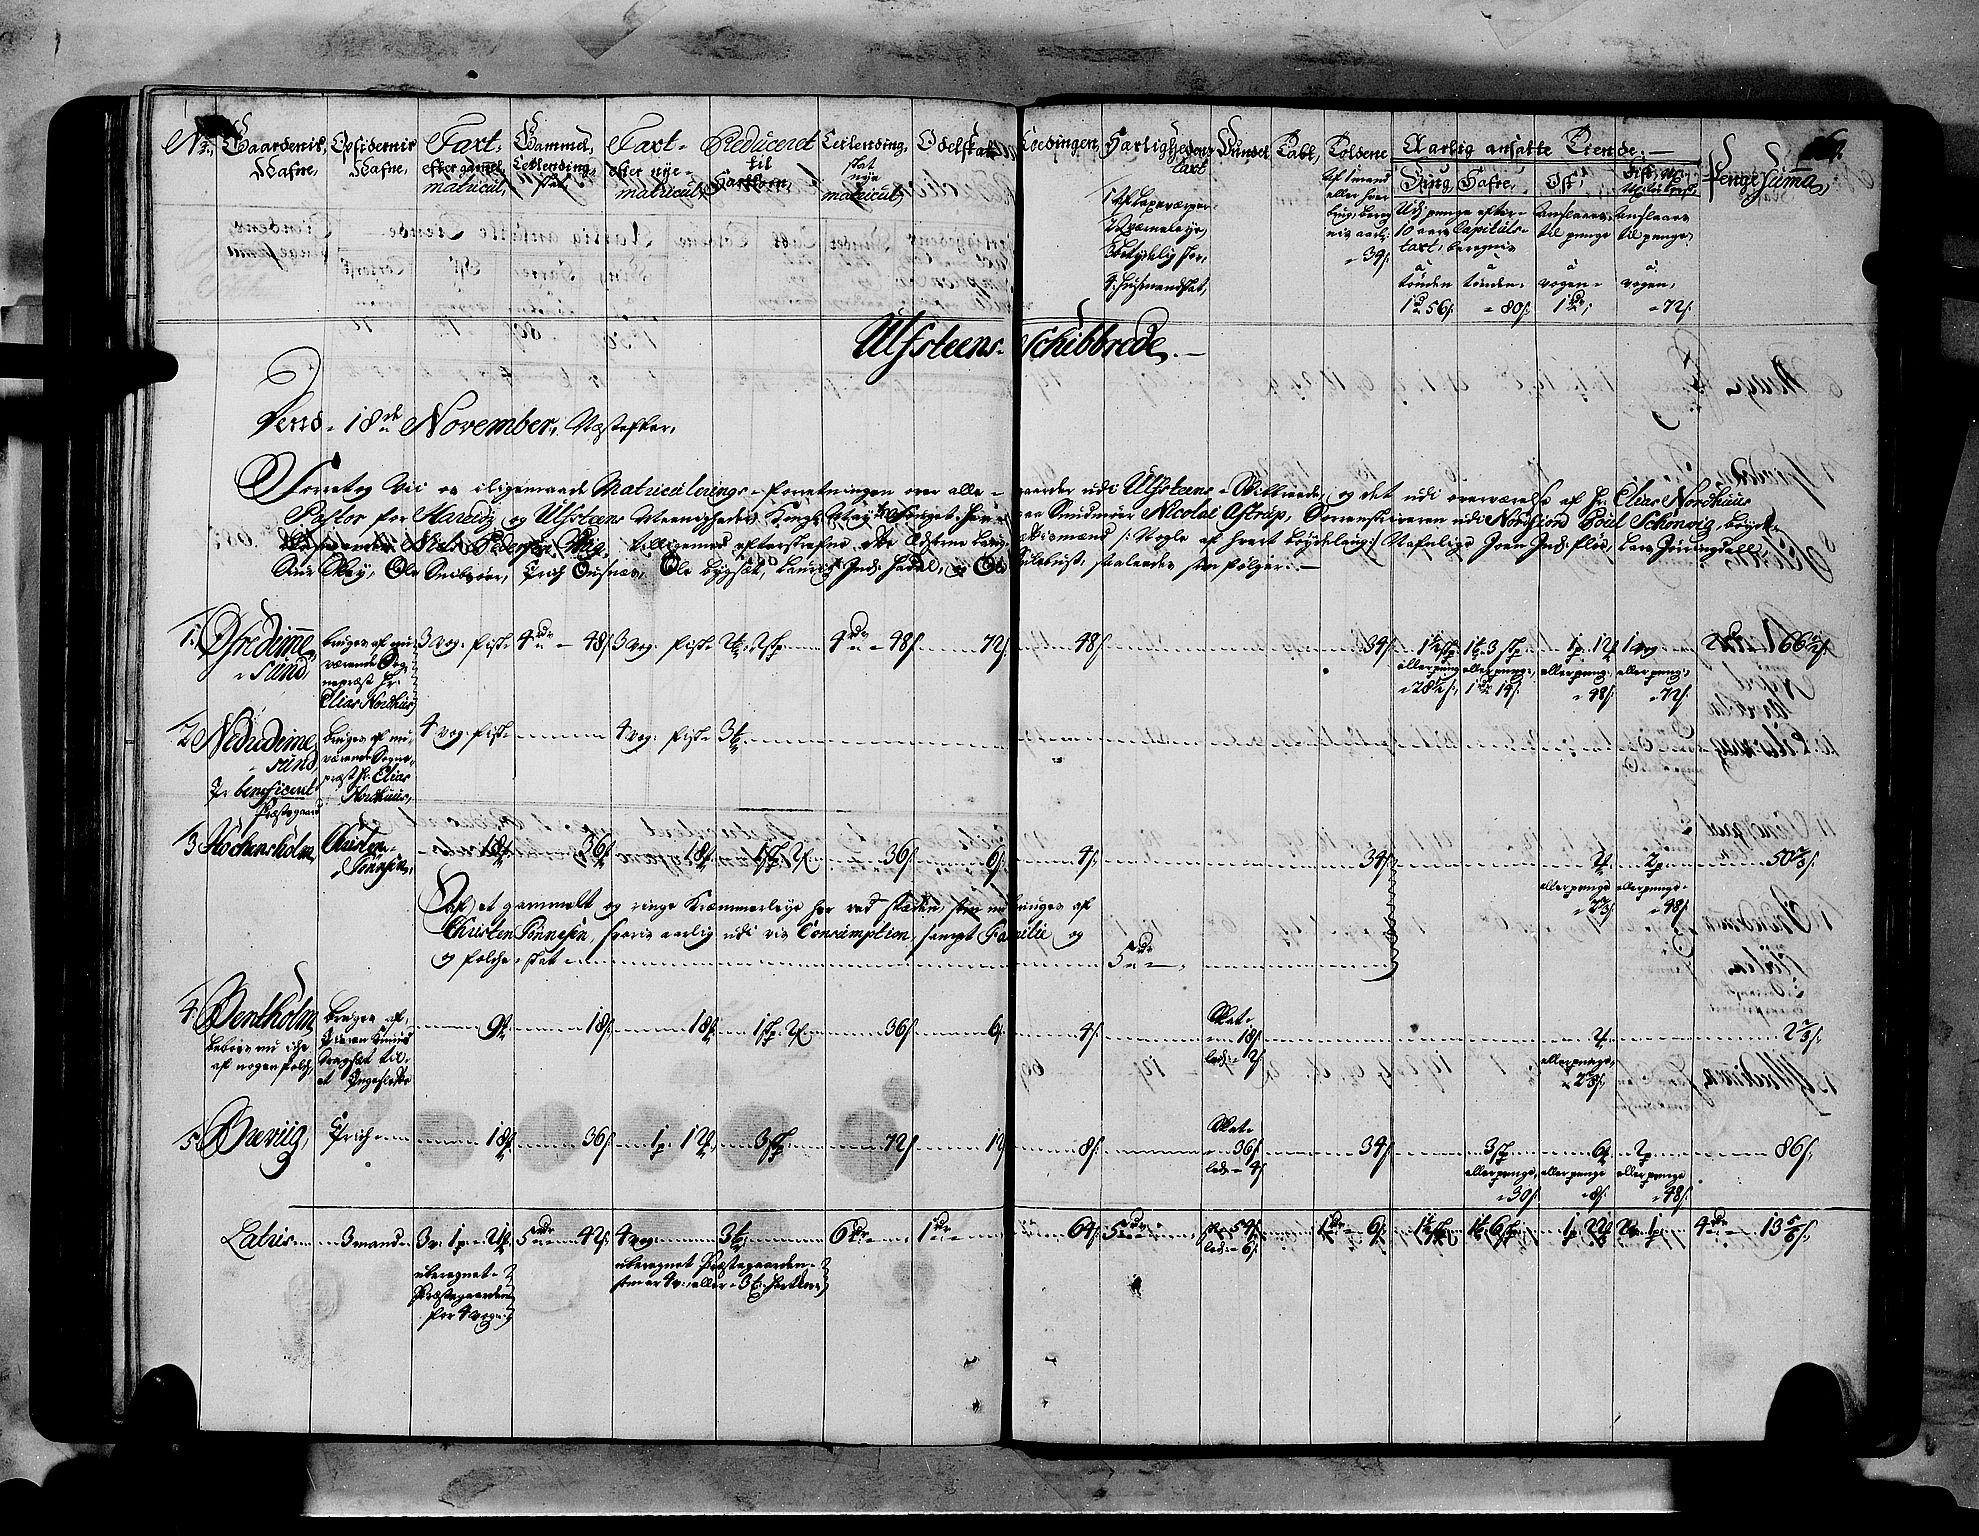 RA, Rentekammeret inntil 1814, Realistisk ordnet avdeling, N/Nb/Nbf/L0151: Sunnmøre matrikkelprotokoll, 1724, s. 159b-160a